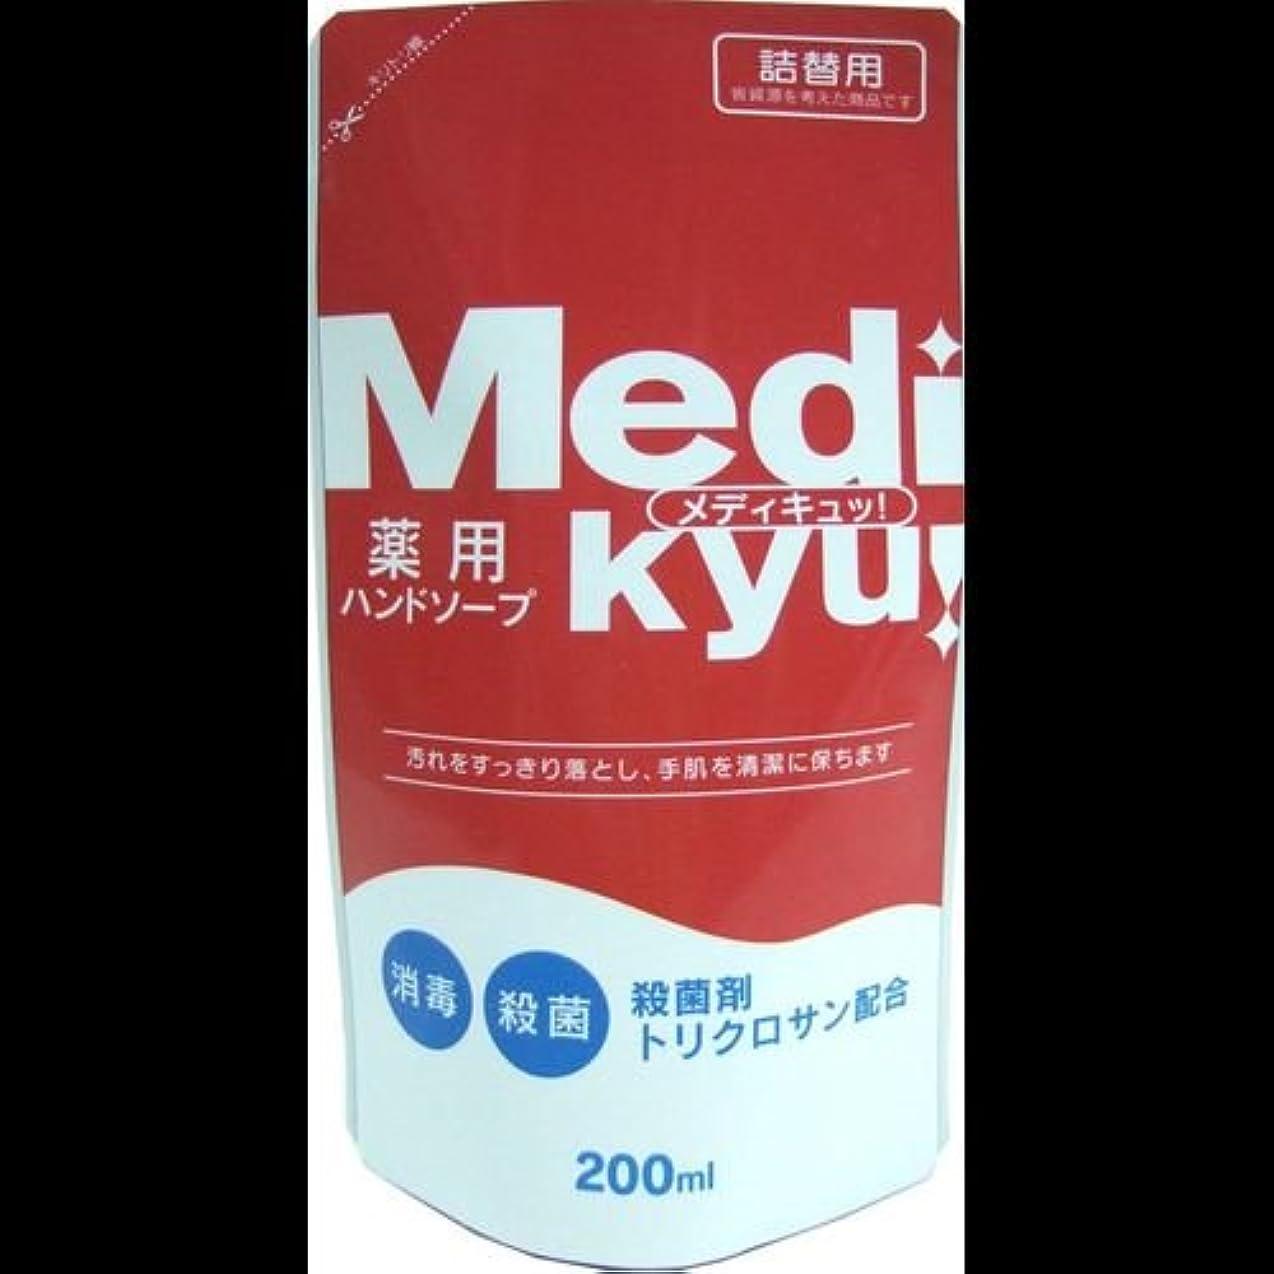 【まとめ買い】薬用ハンドソープ メディキュッ 詰替用 200ml ×2セット